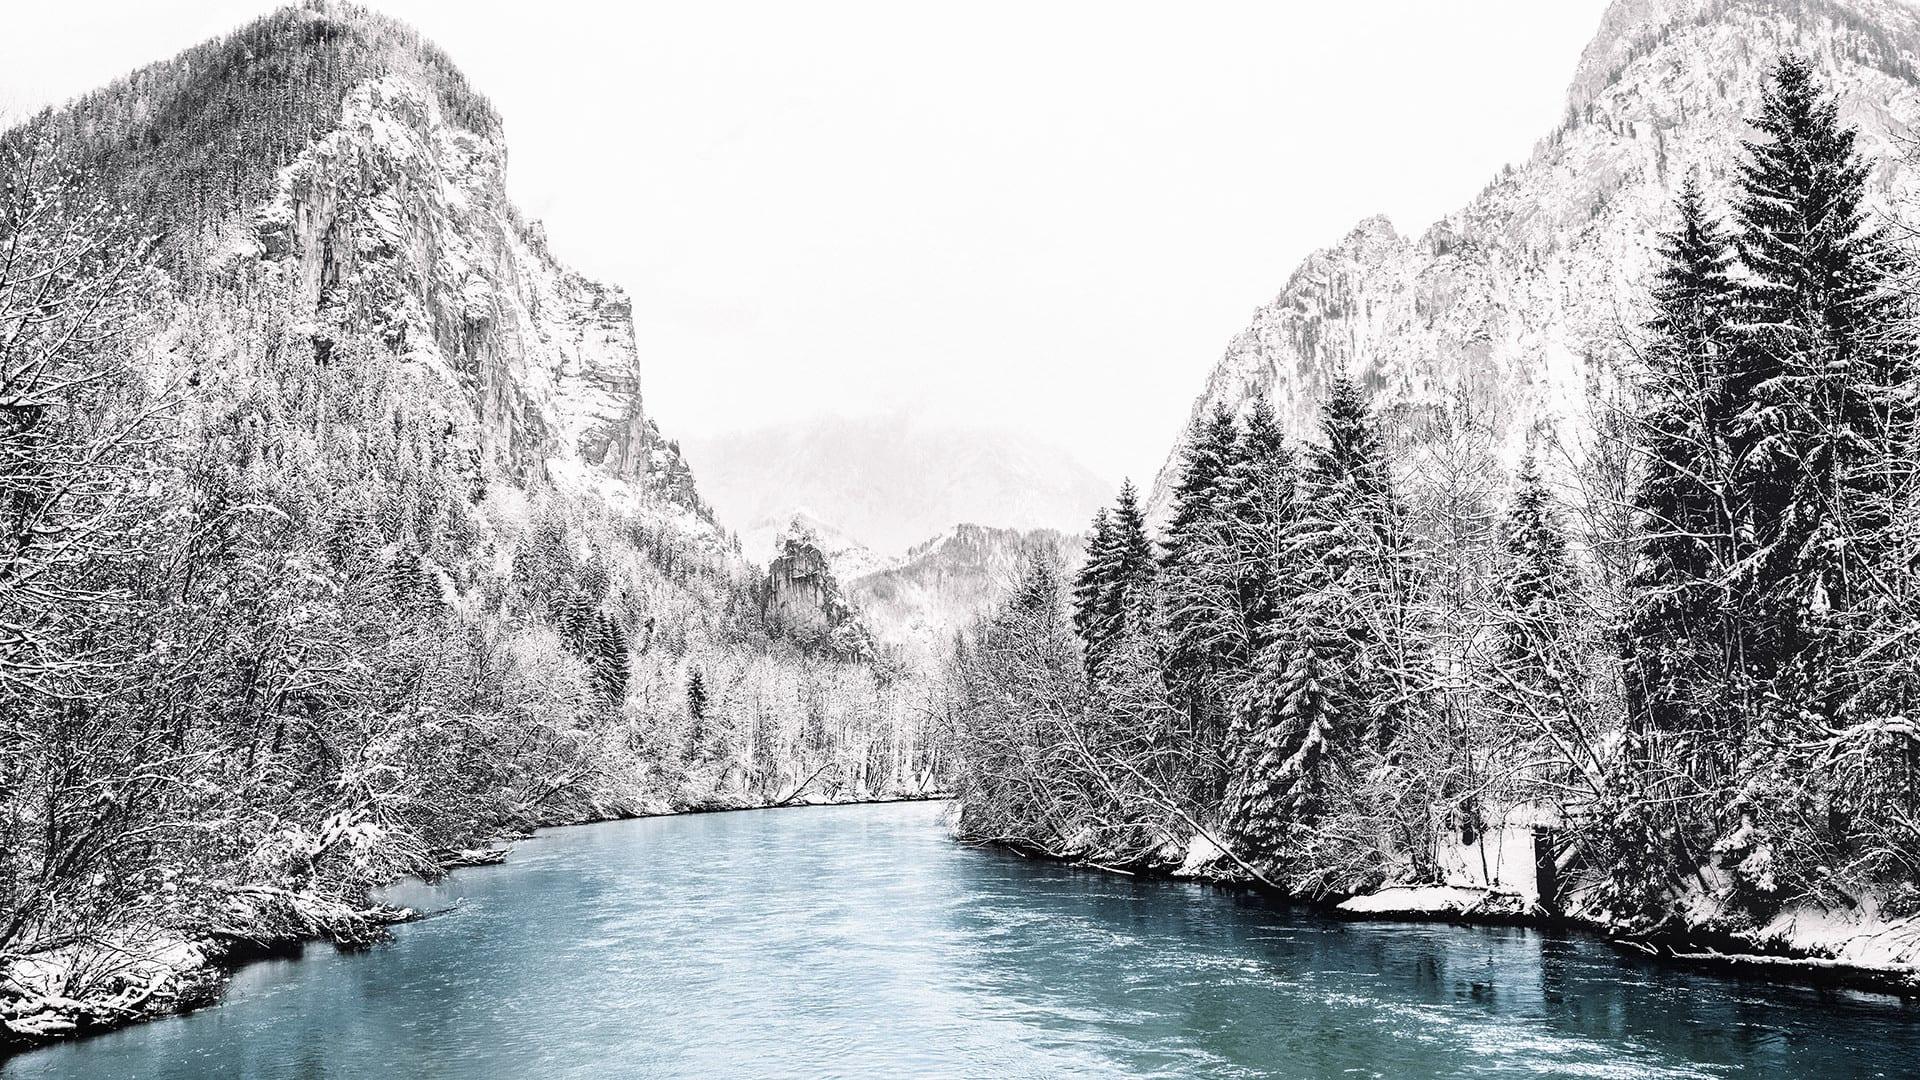 Hình ảnh con suối khe núi mùa đông